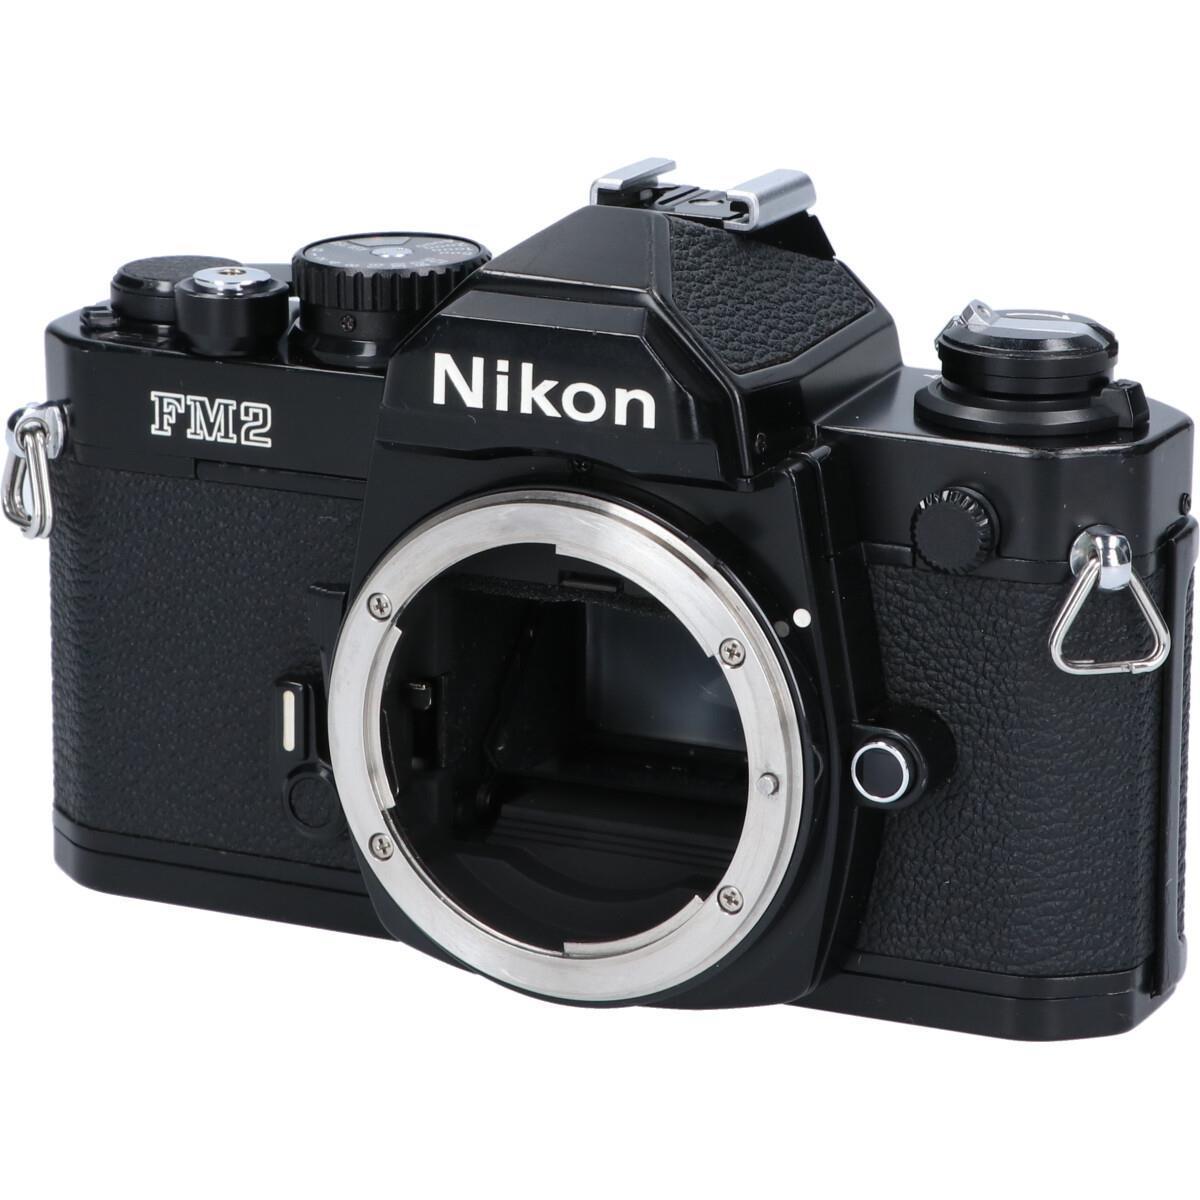 フィルムカメラ, フィルム一眼レフカメラ NIKON NEW FM2